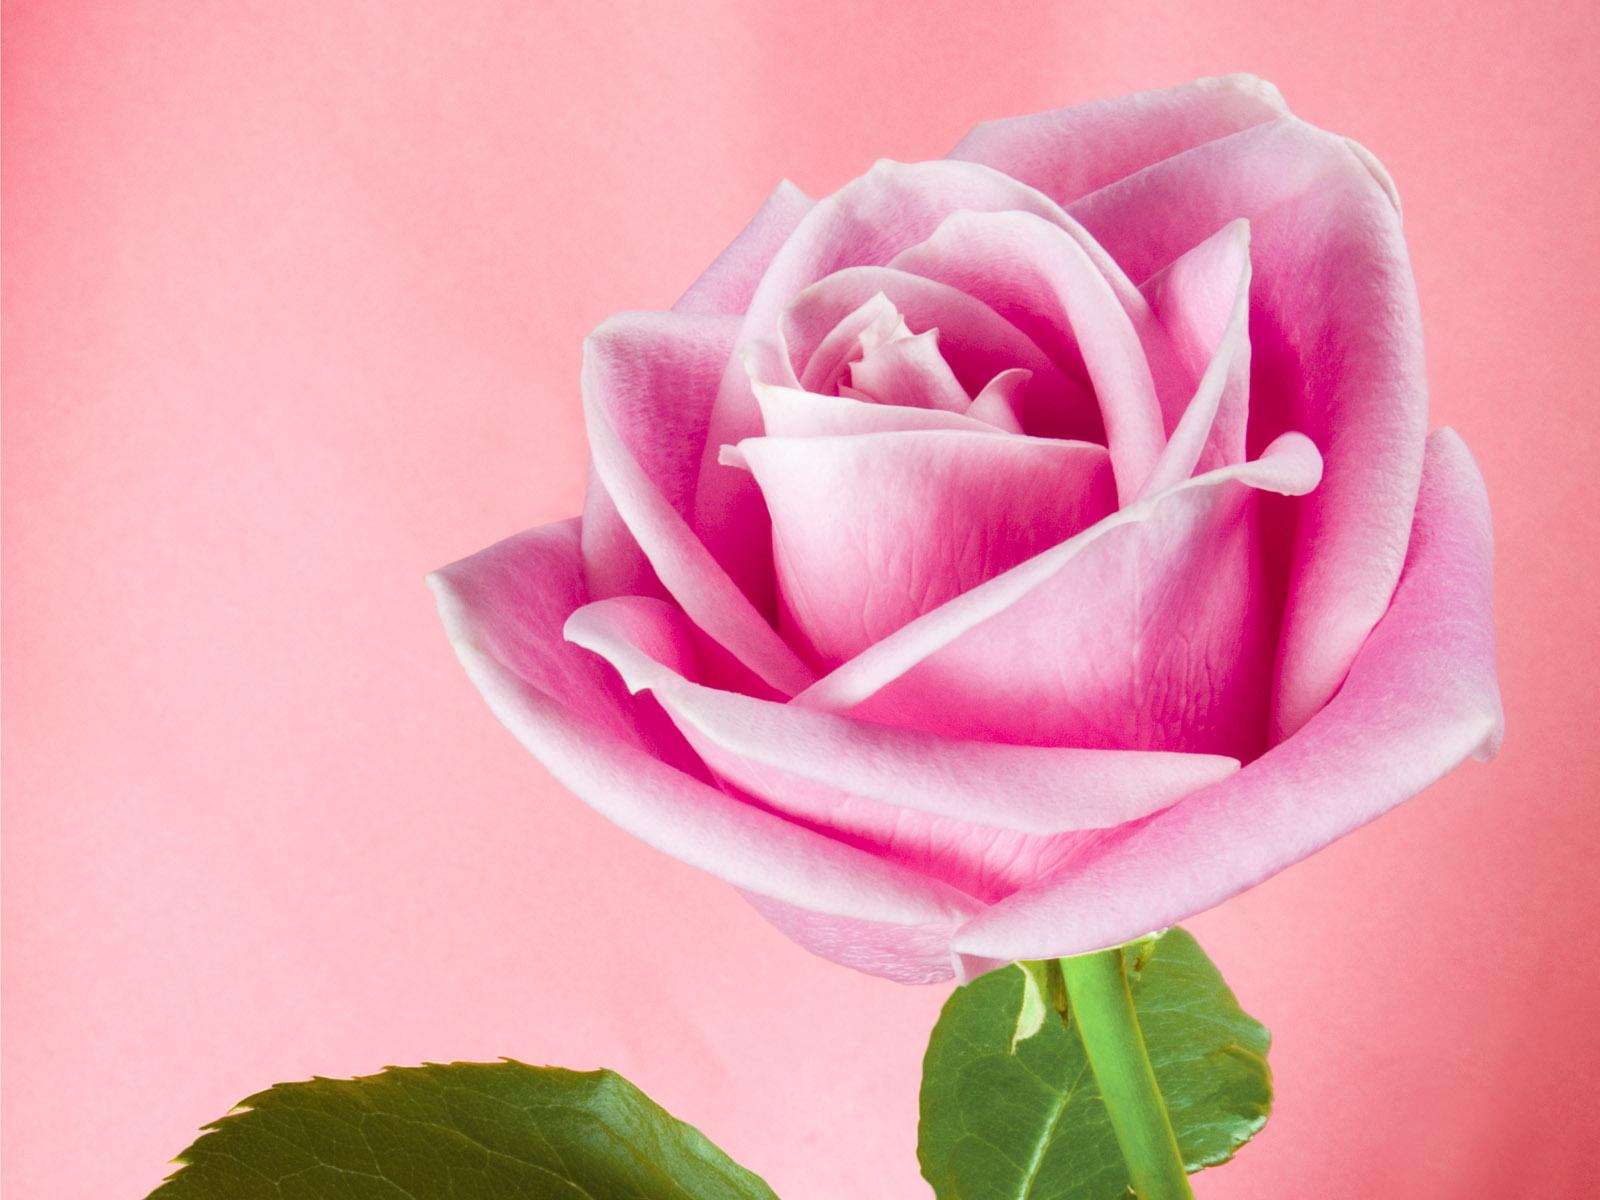 Pretty Pink Roses - Roses Wallpaper (34610934) - Fanpop ...